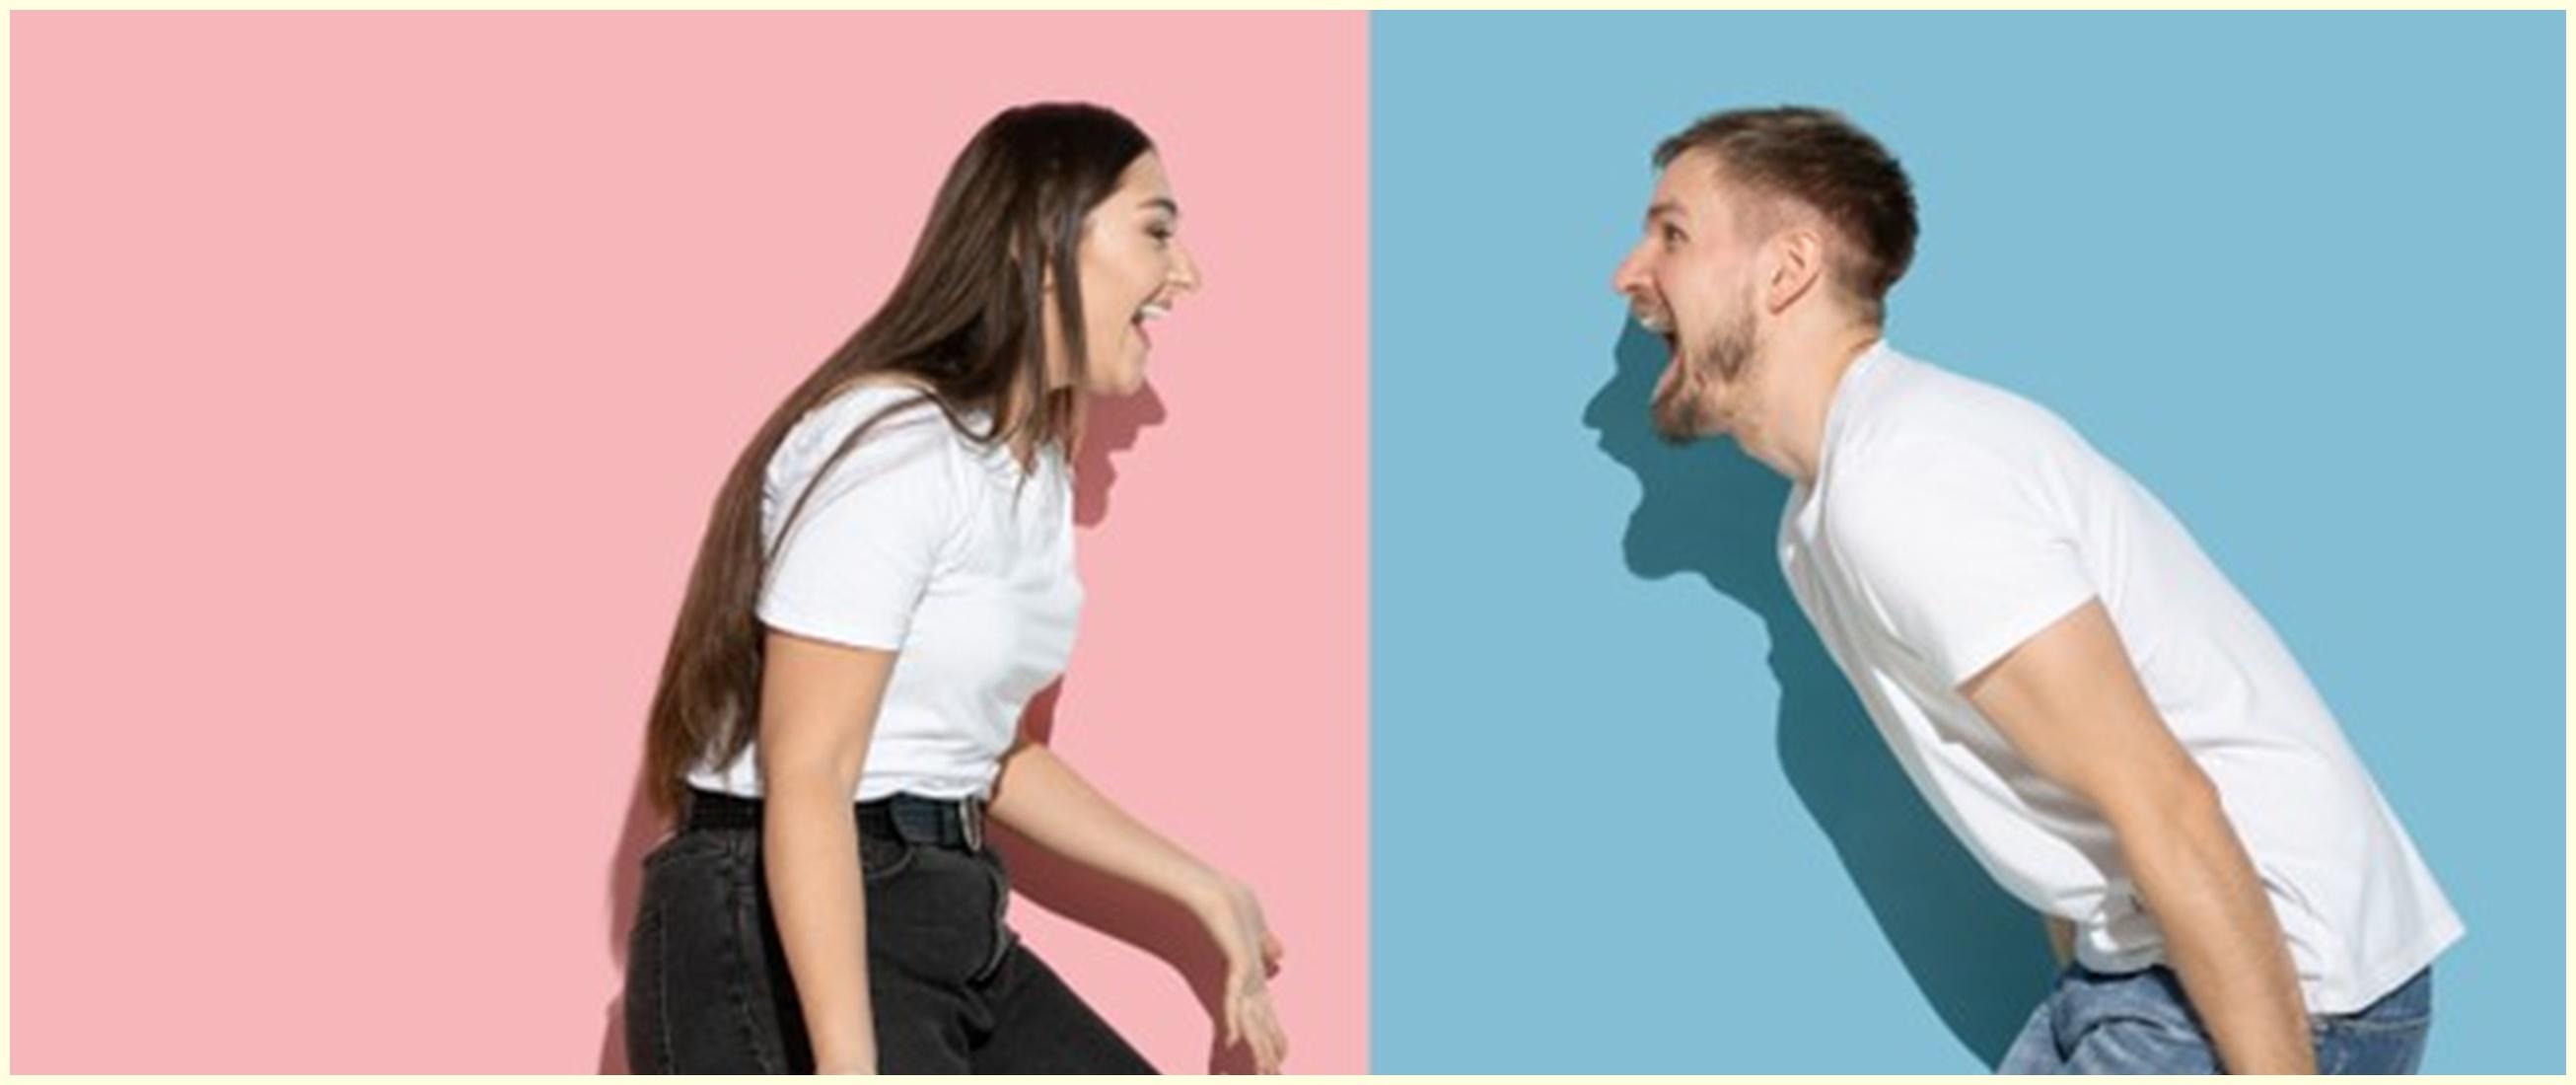 40 Kata-kata lucu hadapi masalah hidup, konyol dan menghibur